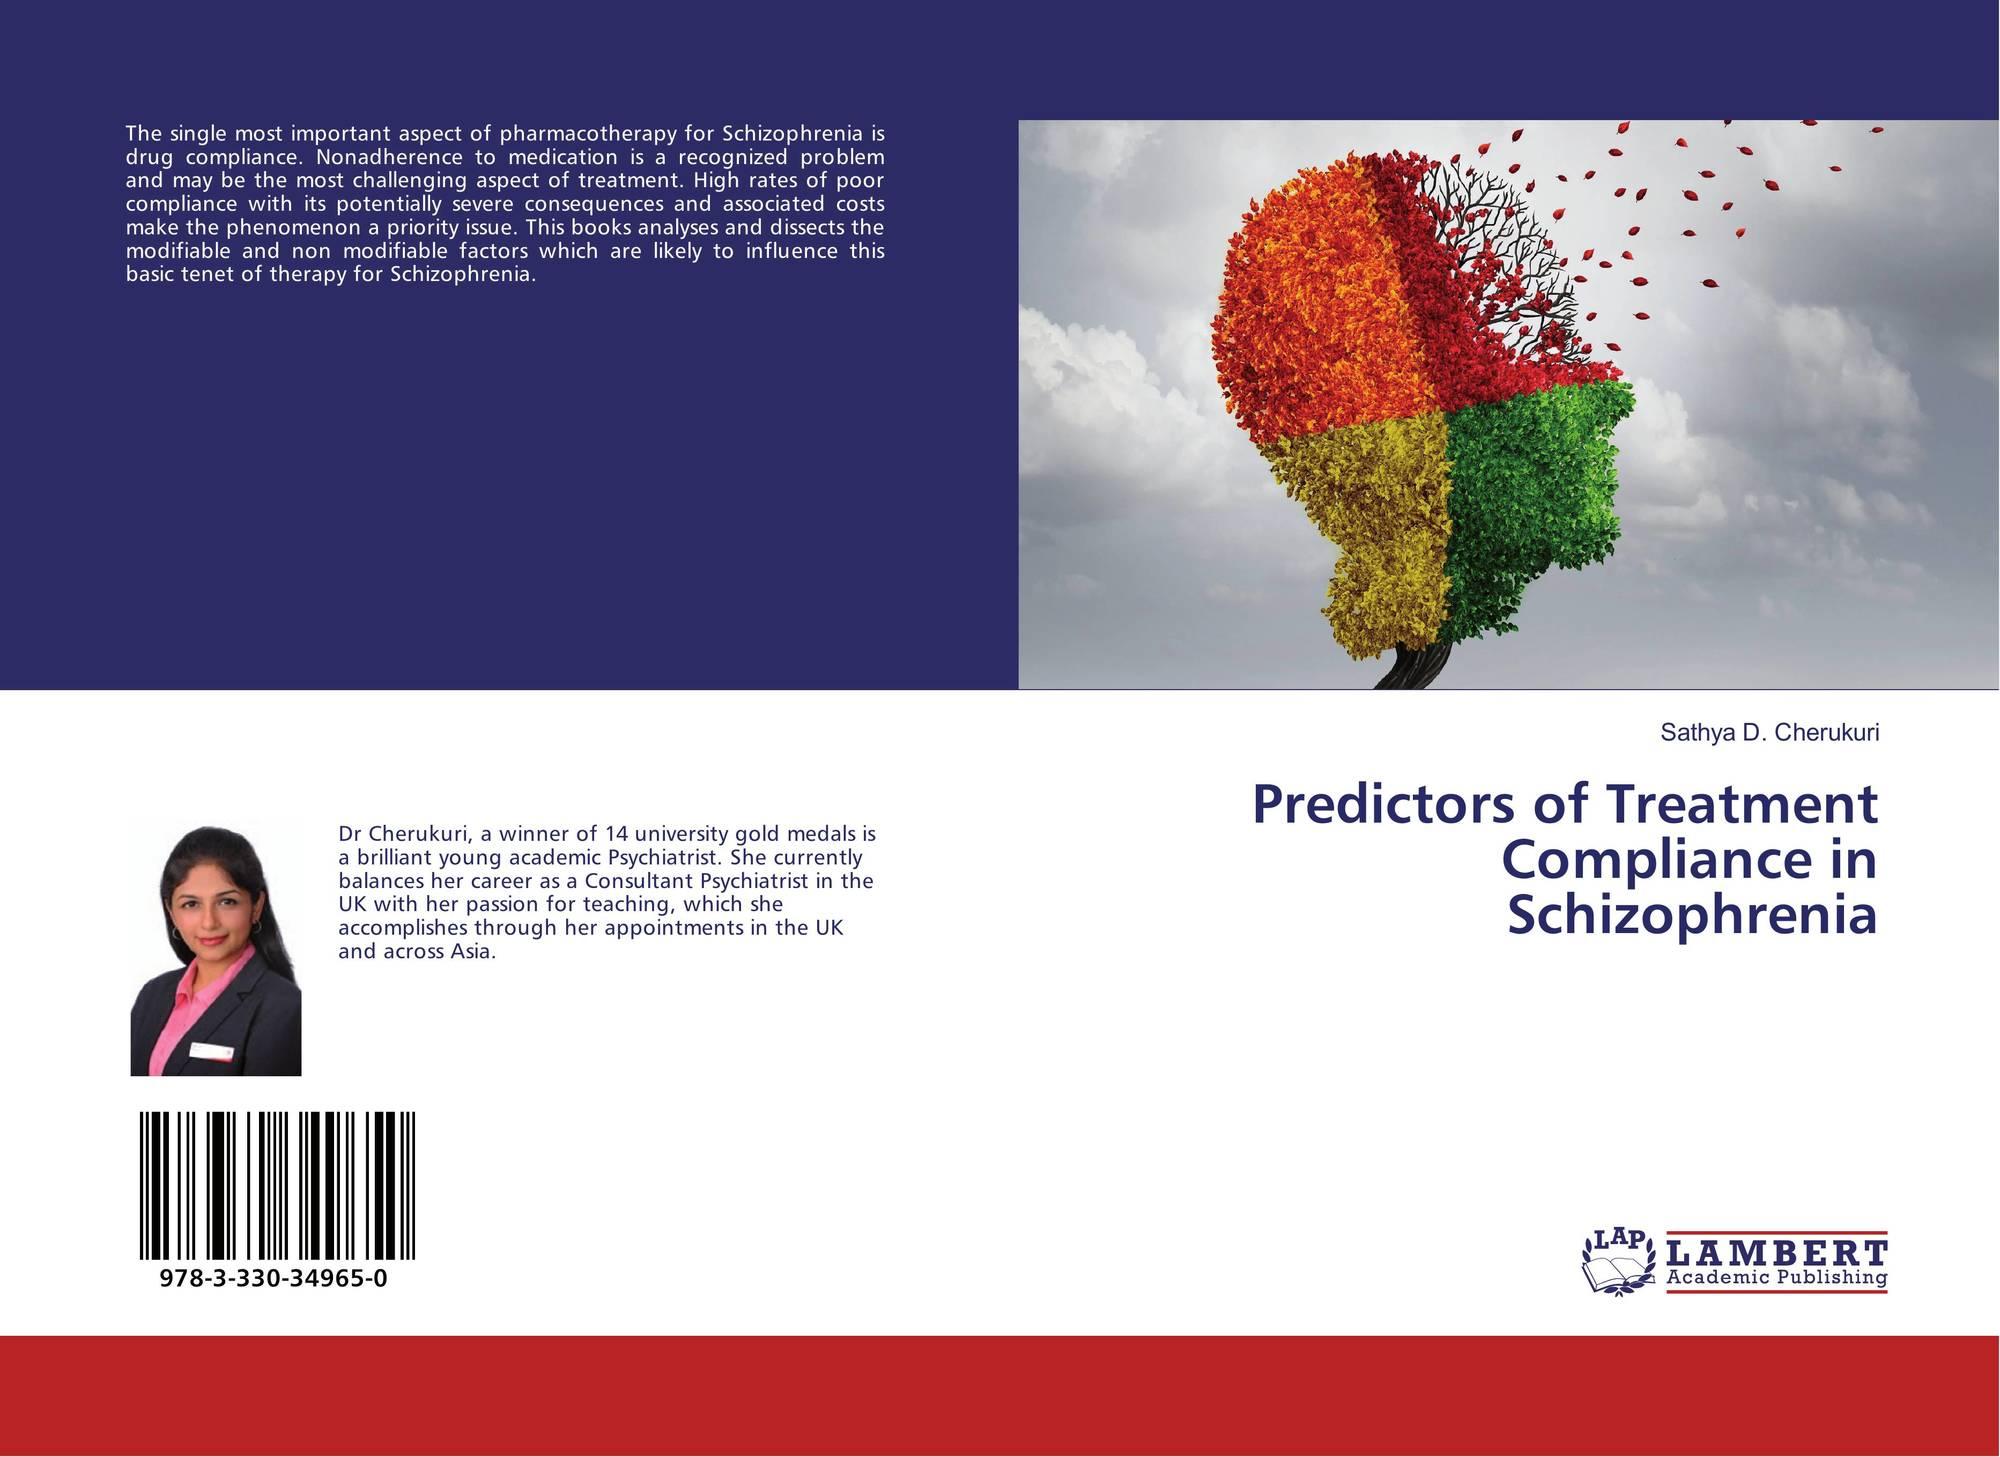 Predictors of Treatment Compliance in Schizophrenia, 978-3